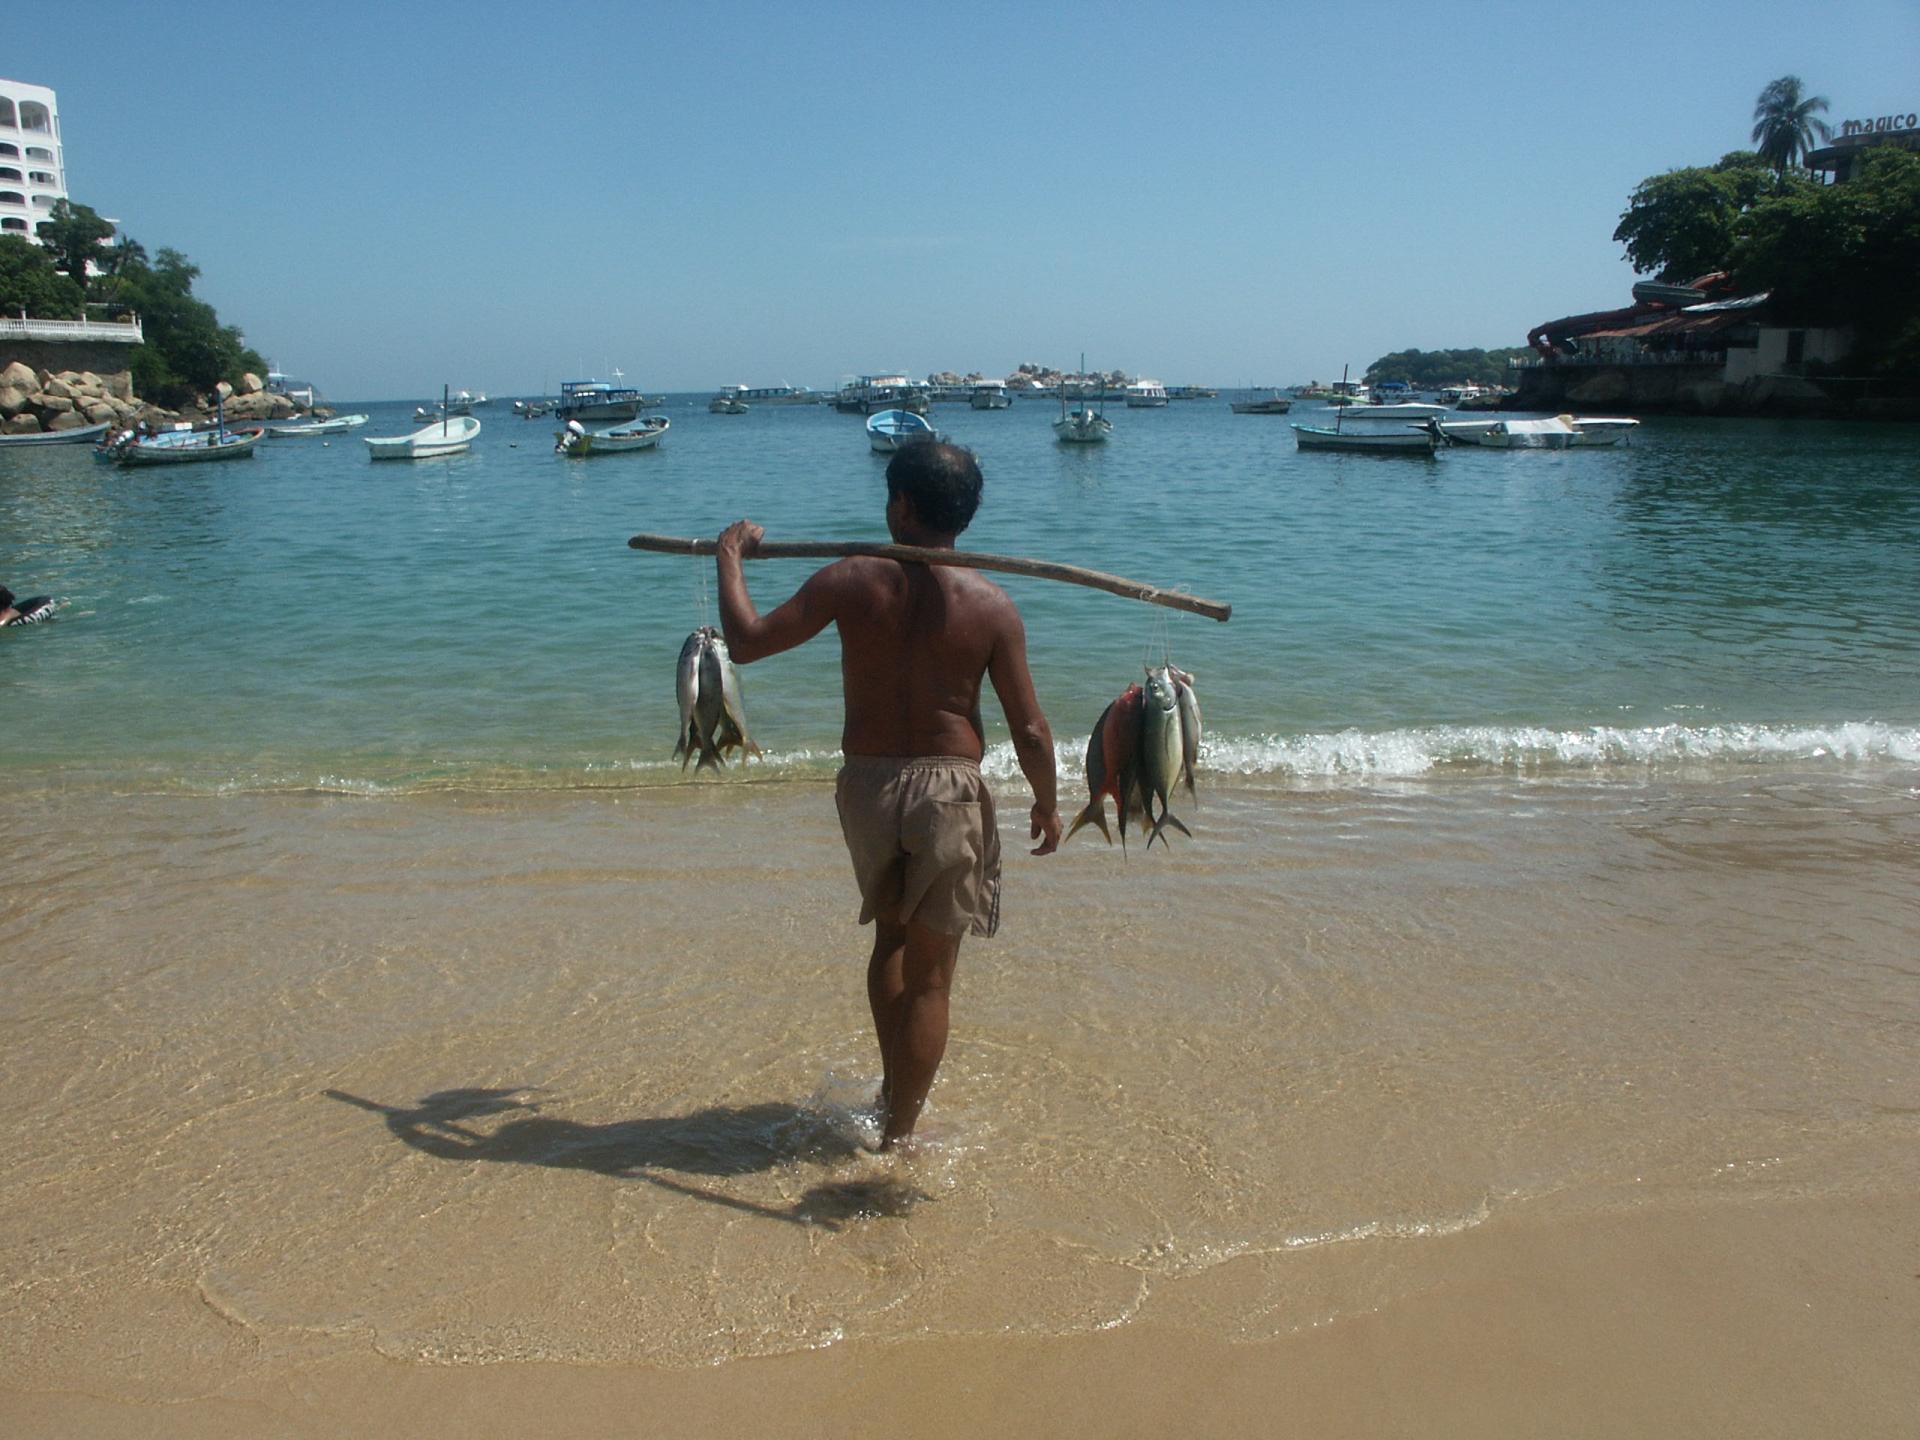 Pescador Playa Caleta Hotel Acamar